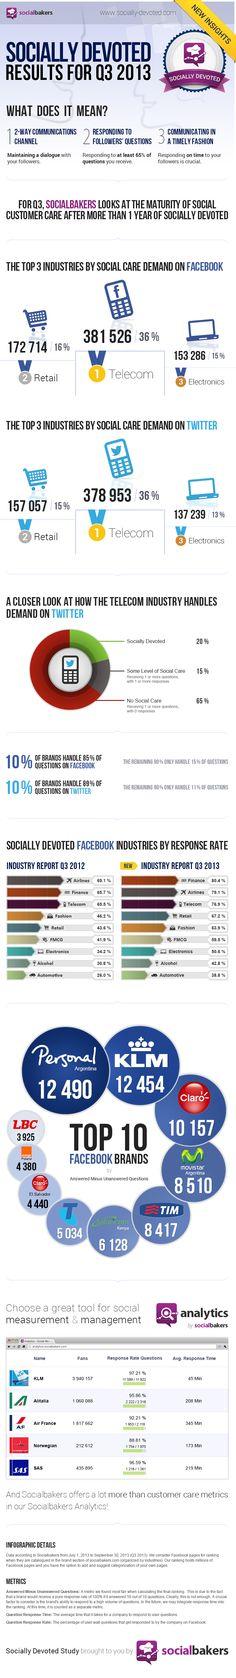 Socialbakers, mostra que os consumidores exigem cada vez mais que a mídia social seja uma conexão de atendimento e serviço com as companhias.